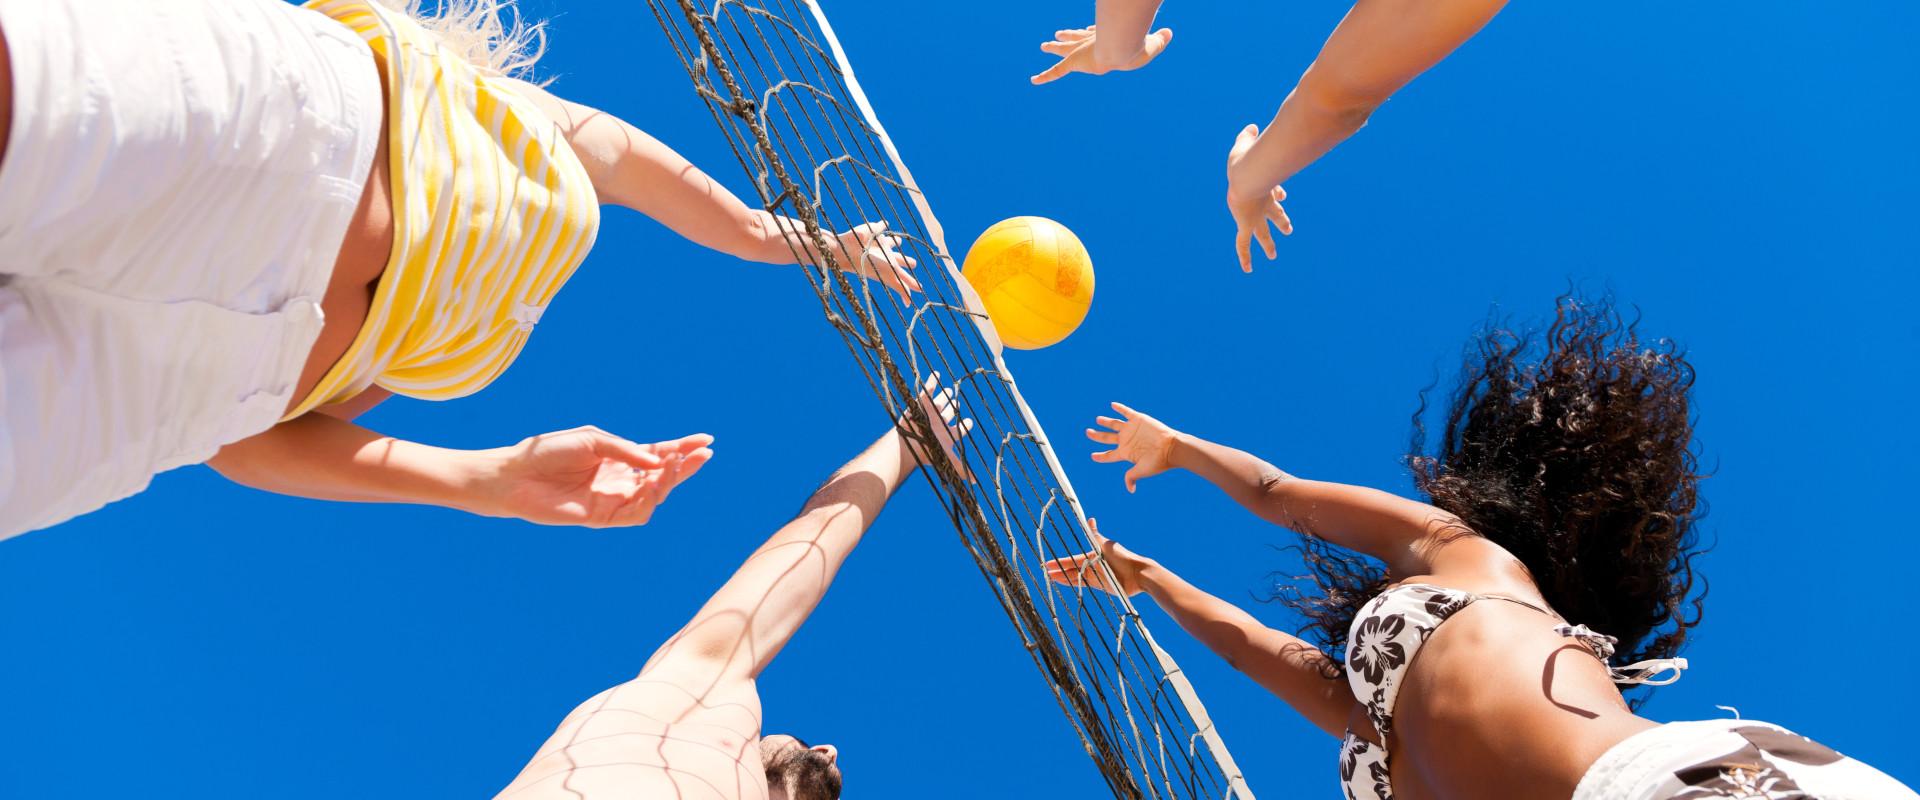 Vacanze sportive a Bibione